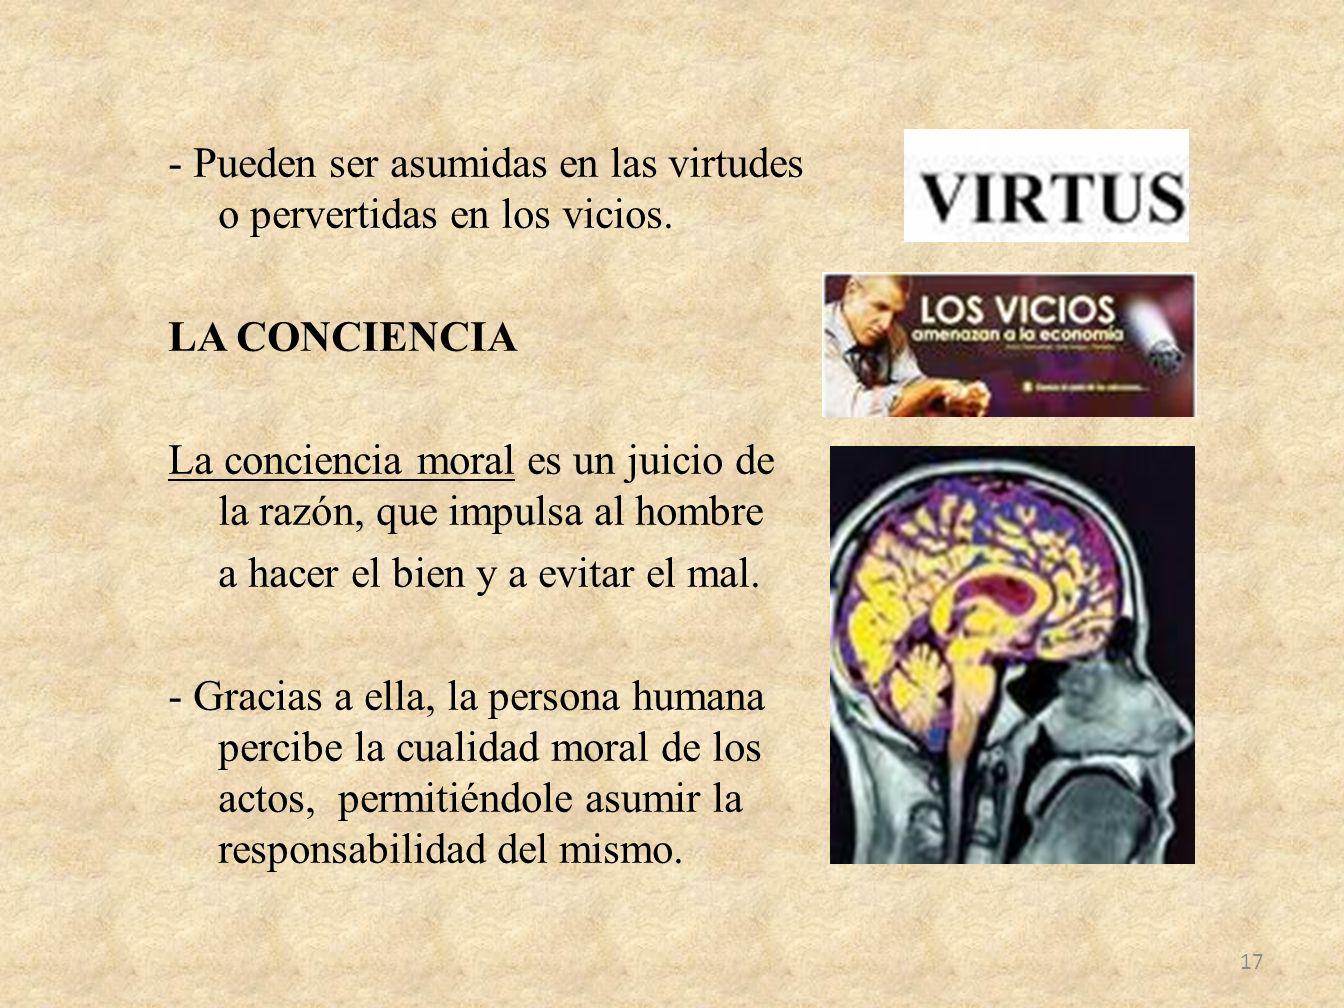 - Pueden ser asumidas en las virtudes o pervertidas en los vicios